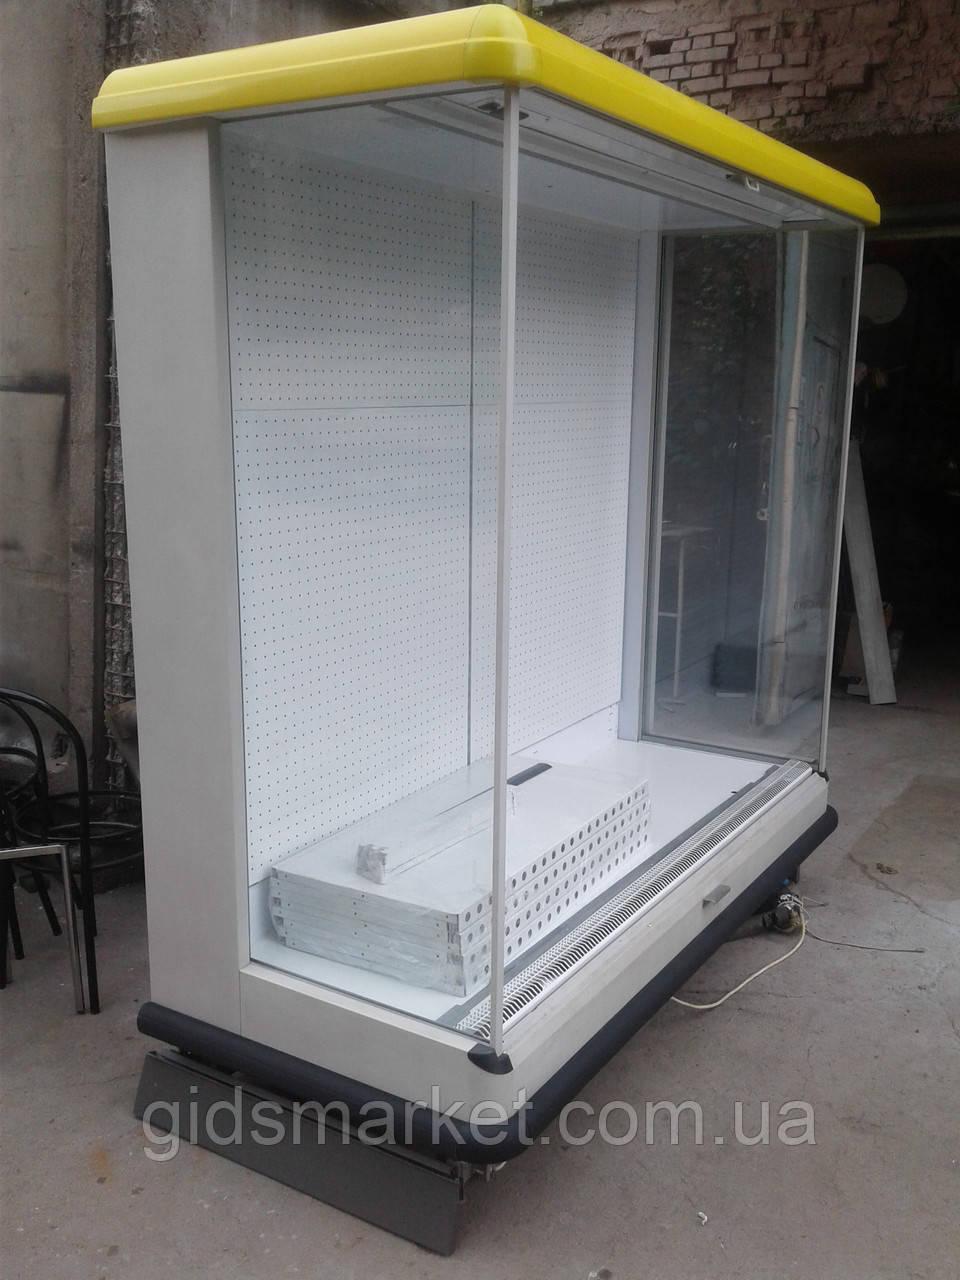 Холодильная горка под выносной агрегат Pastorfrigor б/у, холодильный регал под выносной холод б у